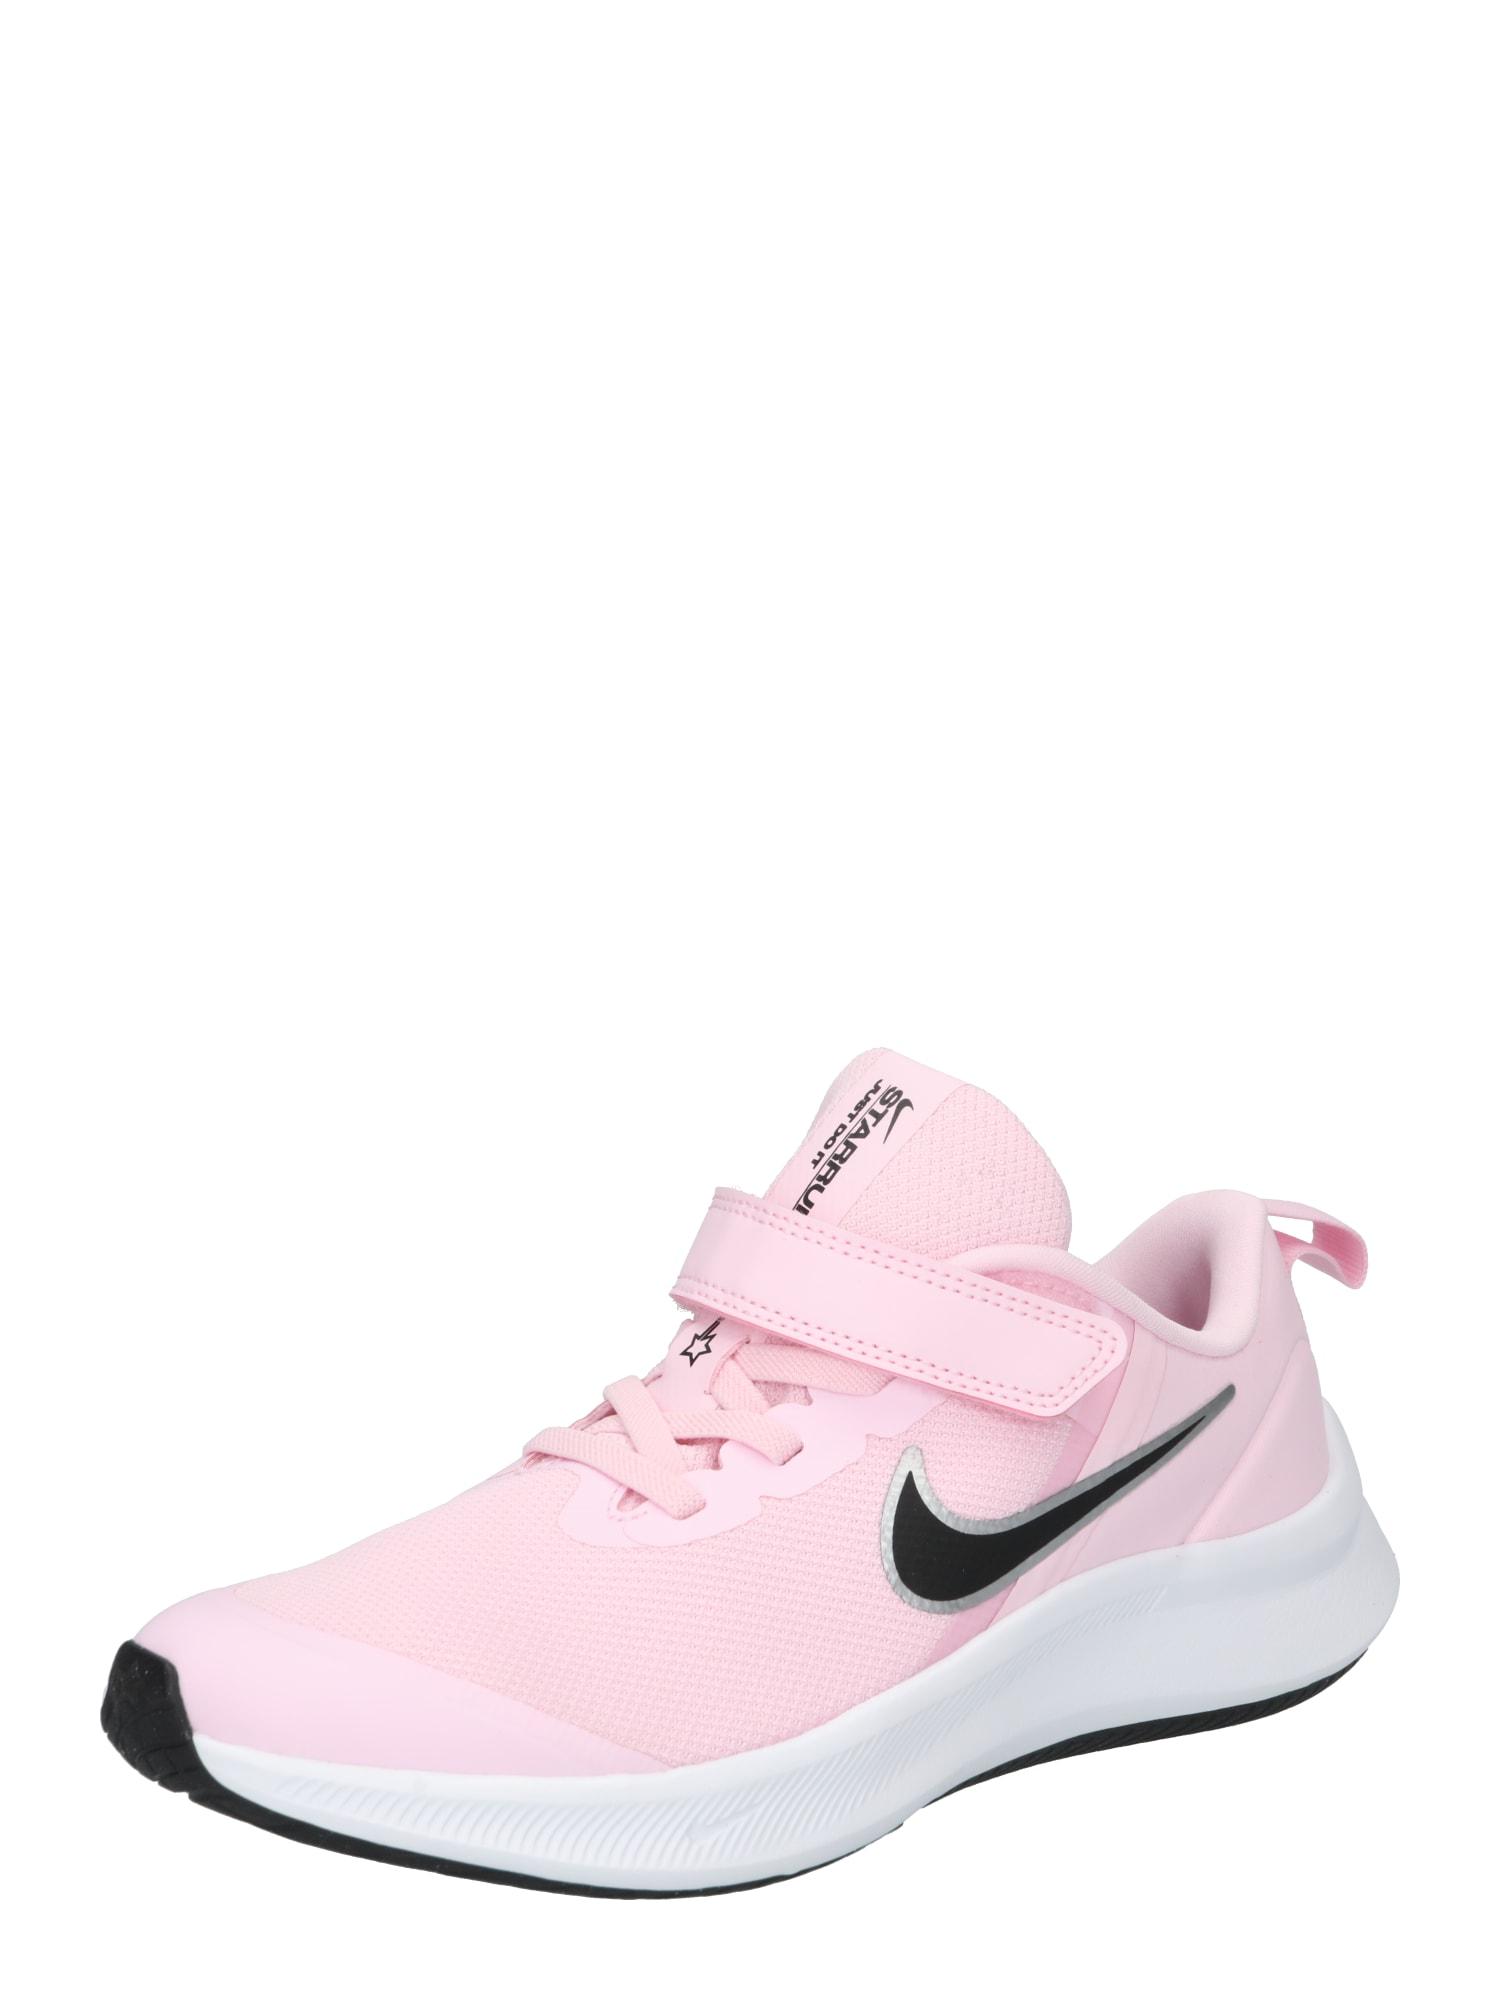 NIKE Sportiniai batai 'Star Runner 3' šviesiai rožinė / juoda